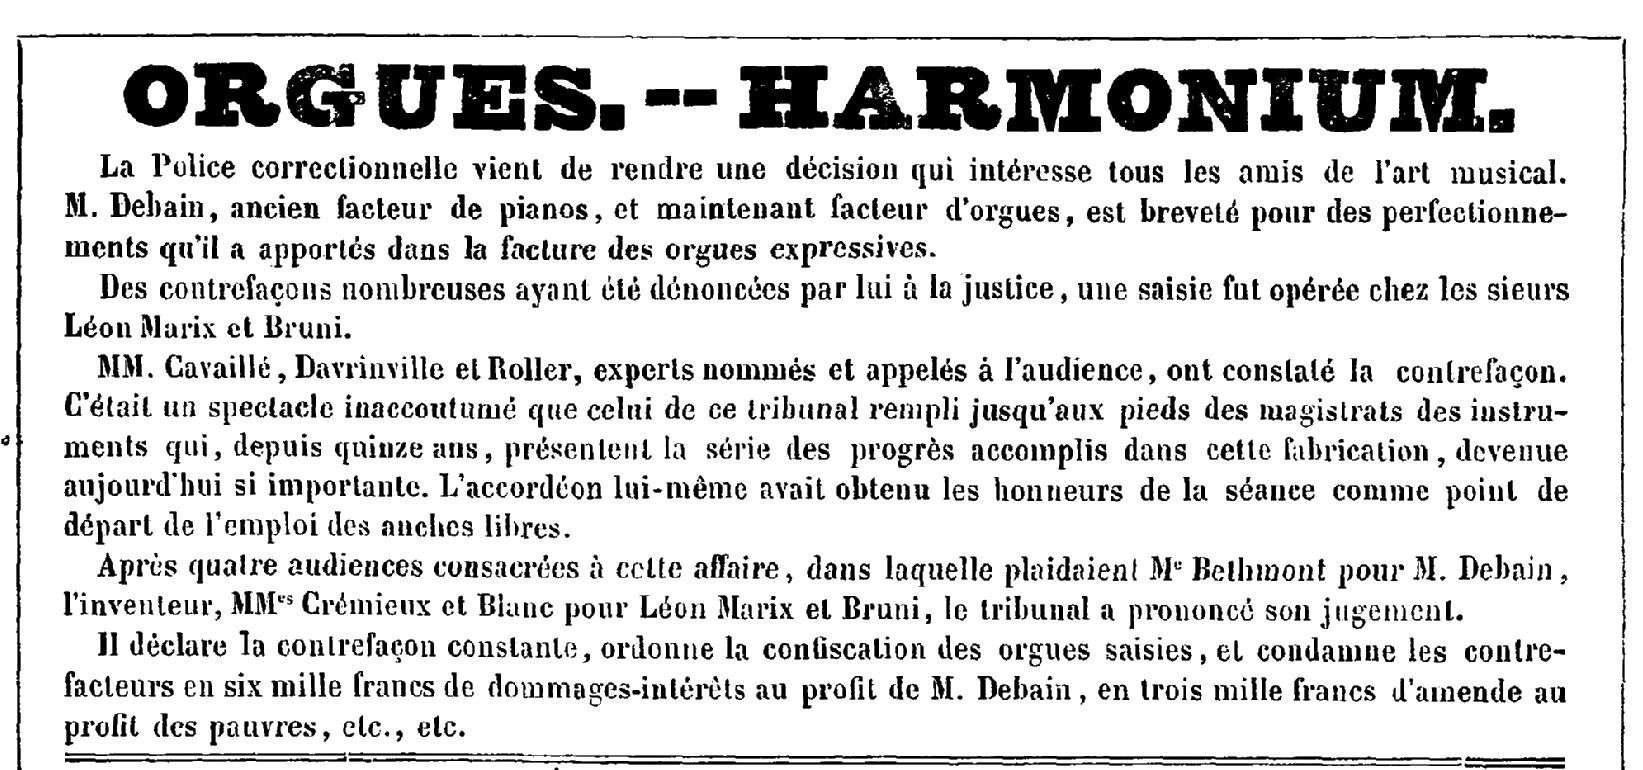 Le procès en contrefaçon de Debain - 1845 Debain11